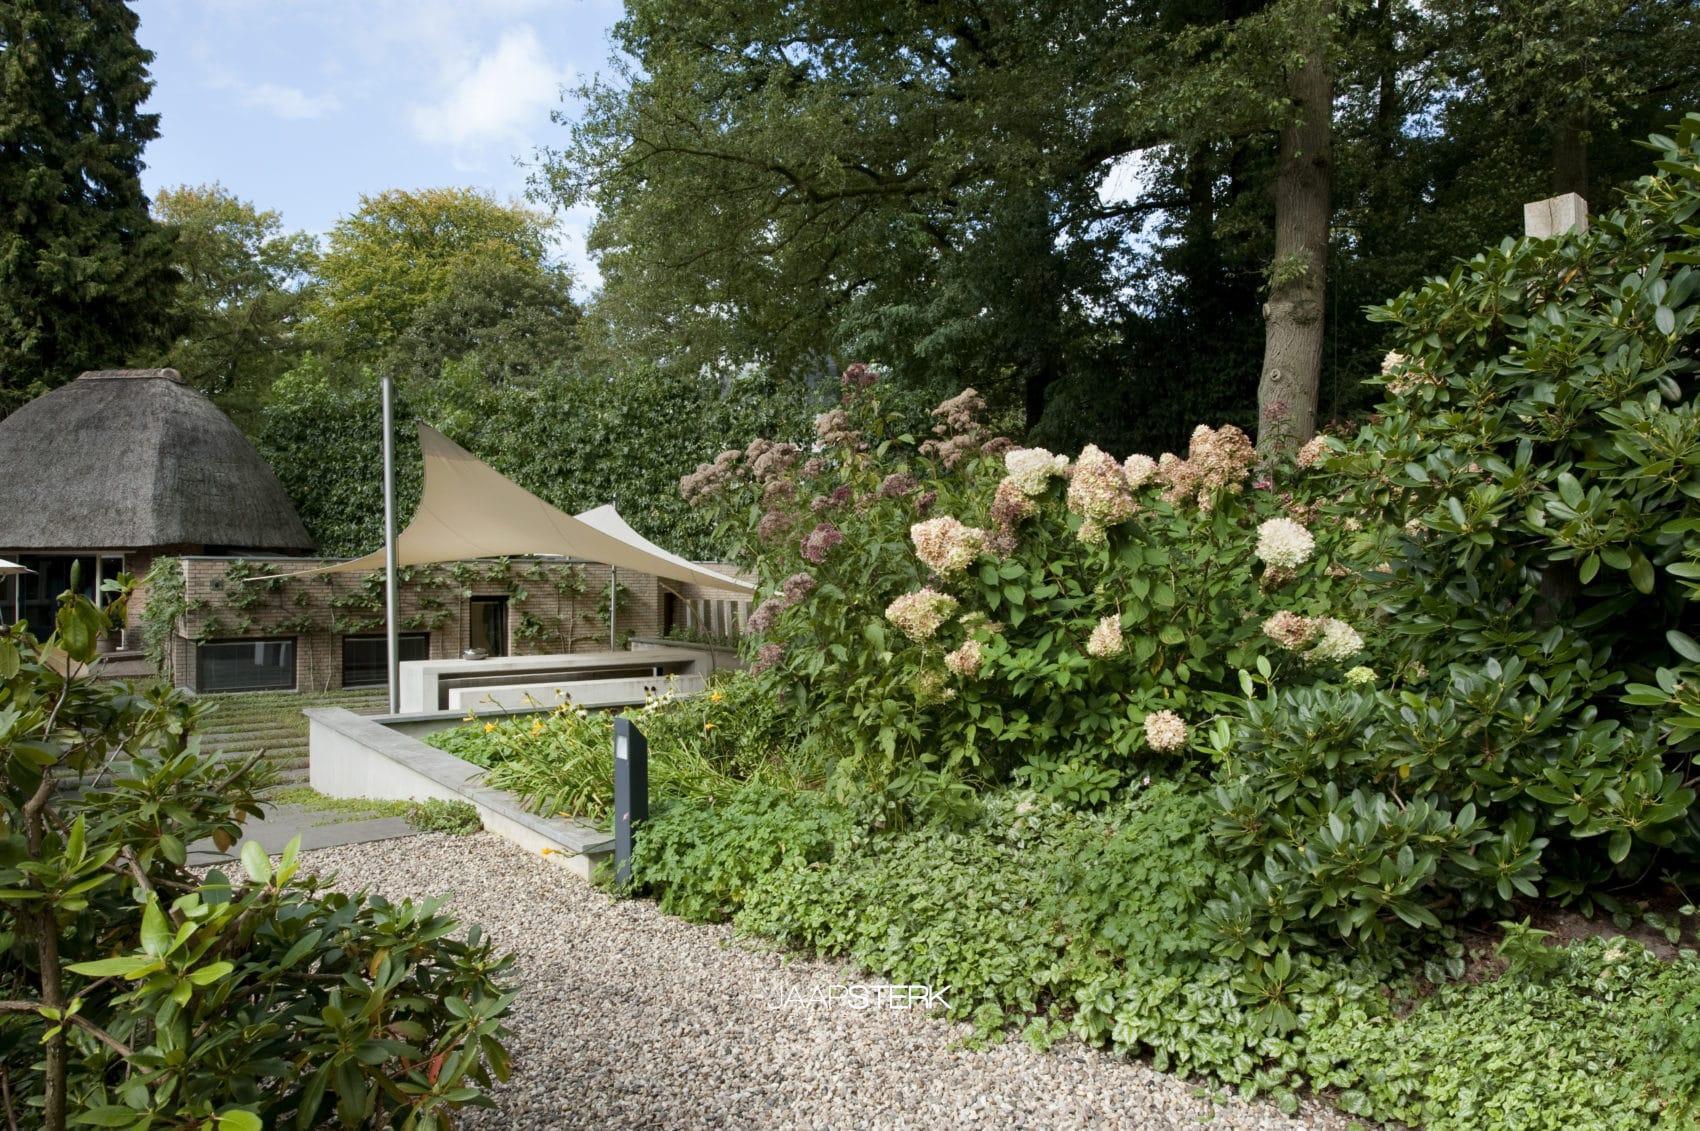 De tuin van het jaar verkiezing de hovenierscompetitie!